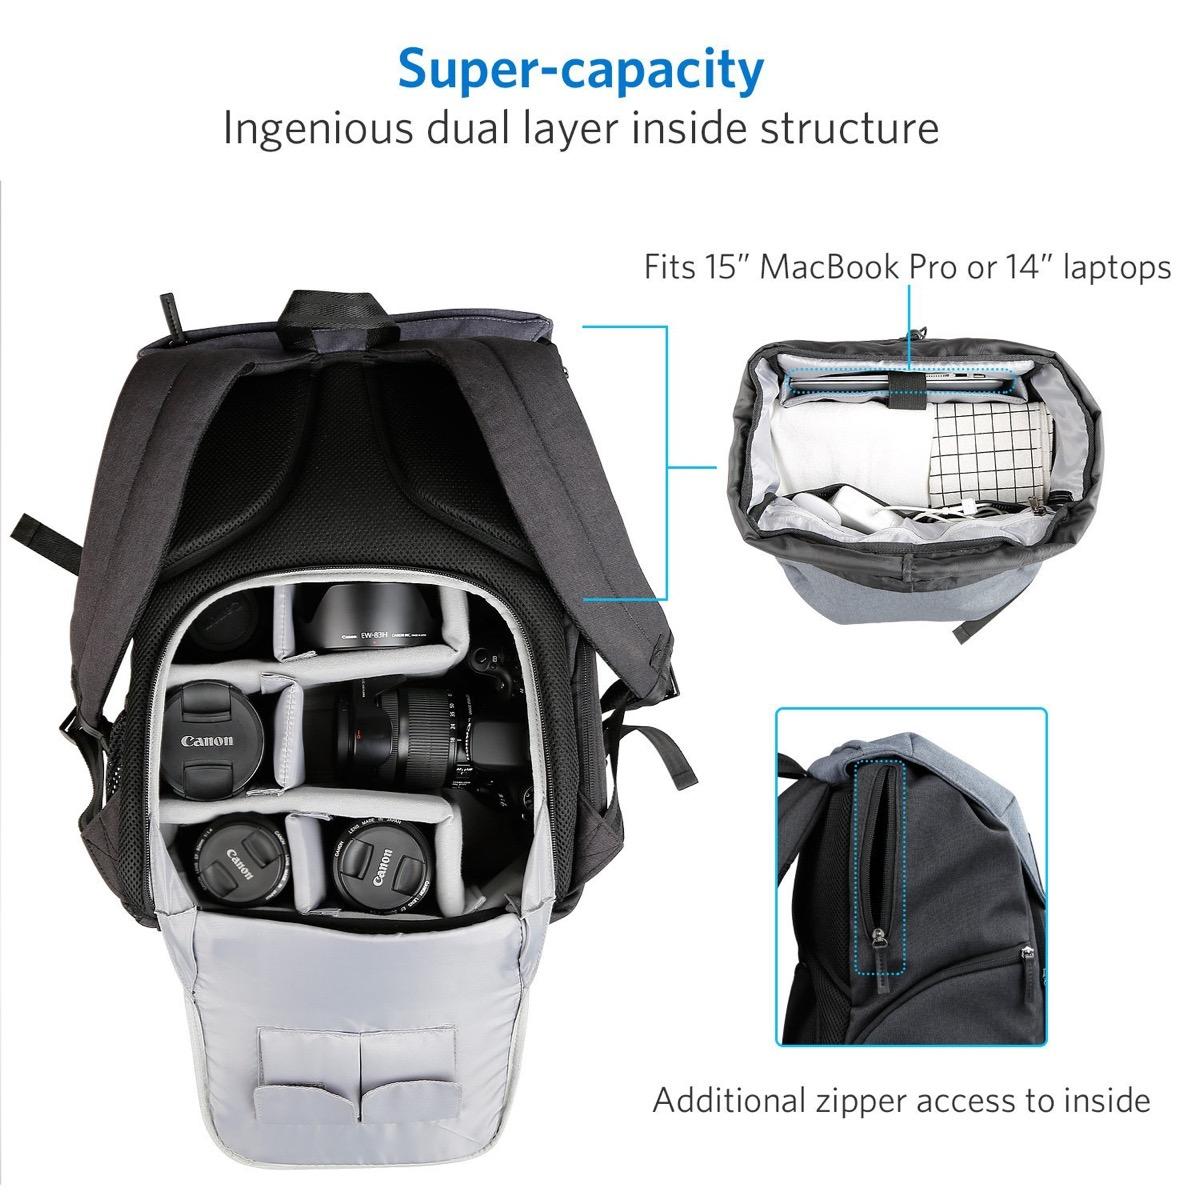 a2d02a395d Una buona parte superiore permette di stipare una felpa o qualsiasi altra  cosa, e c'è una tasca sufficientemente ampia per ospitare un MacBook Pro  15'' o un ...